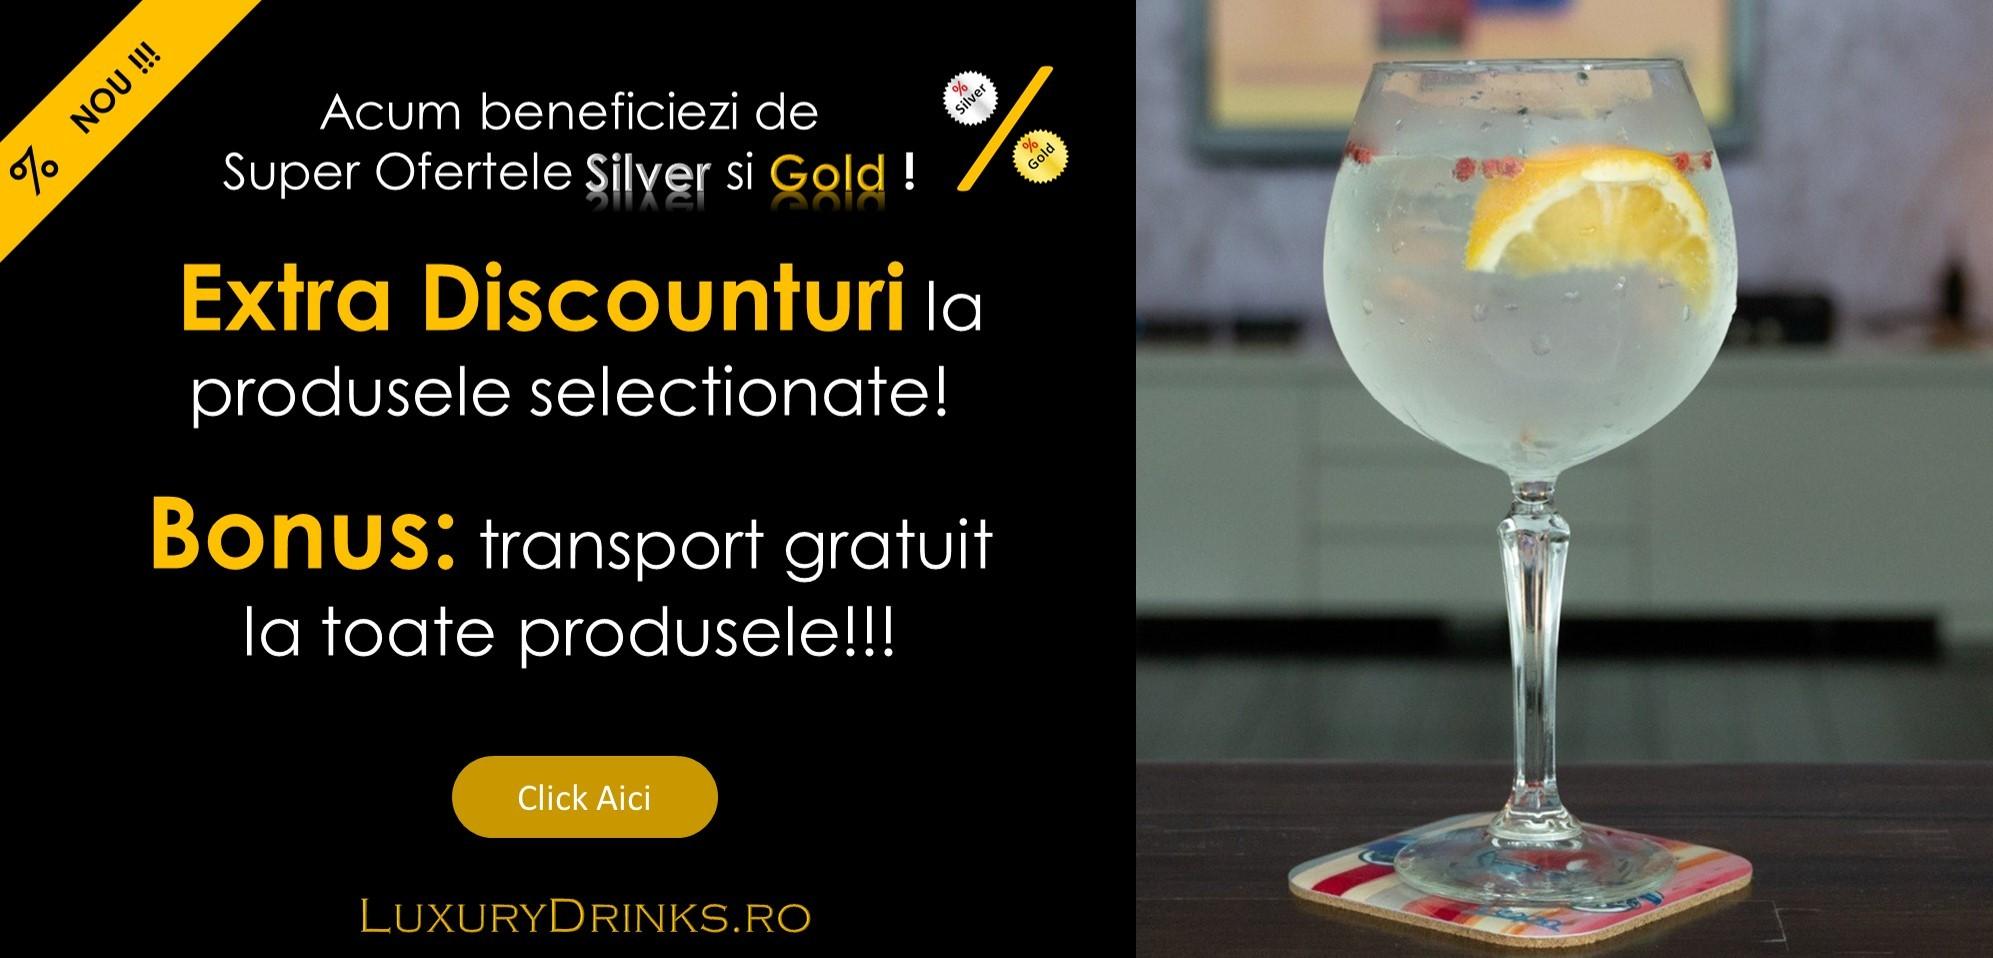 LuxuryDrinks.ro BauturiOnline Oferte Speciale